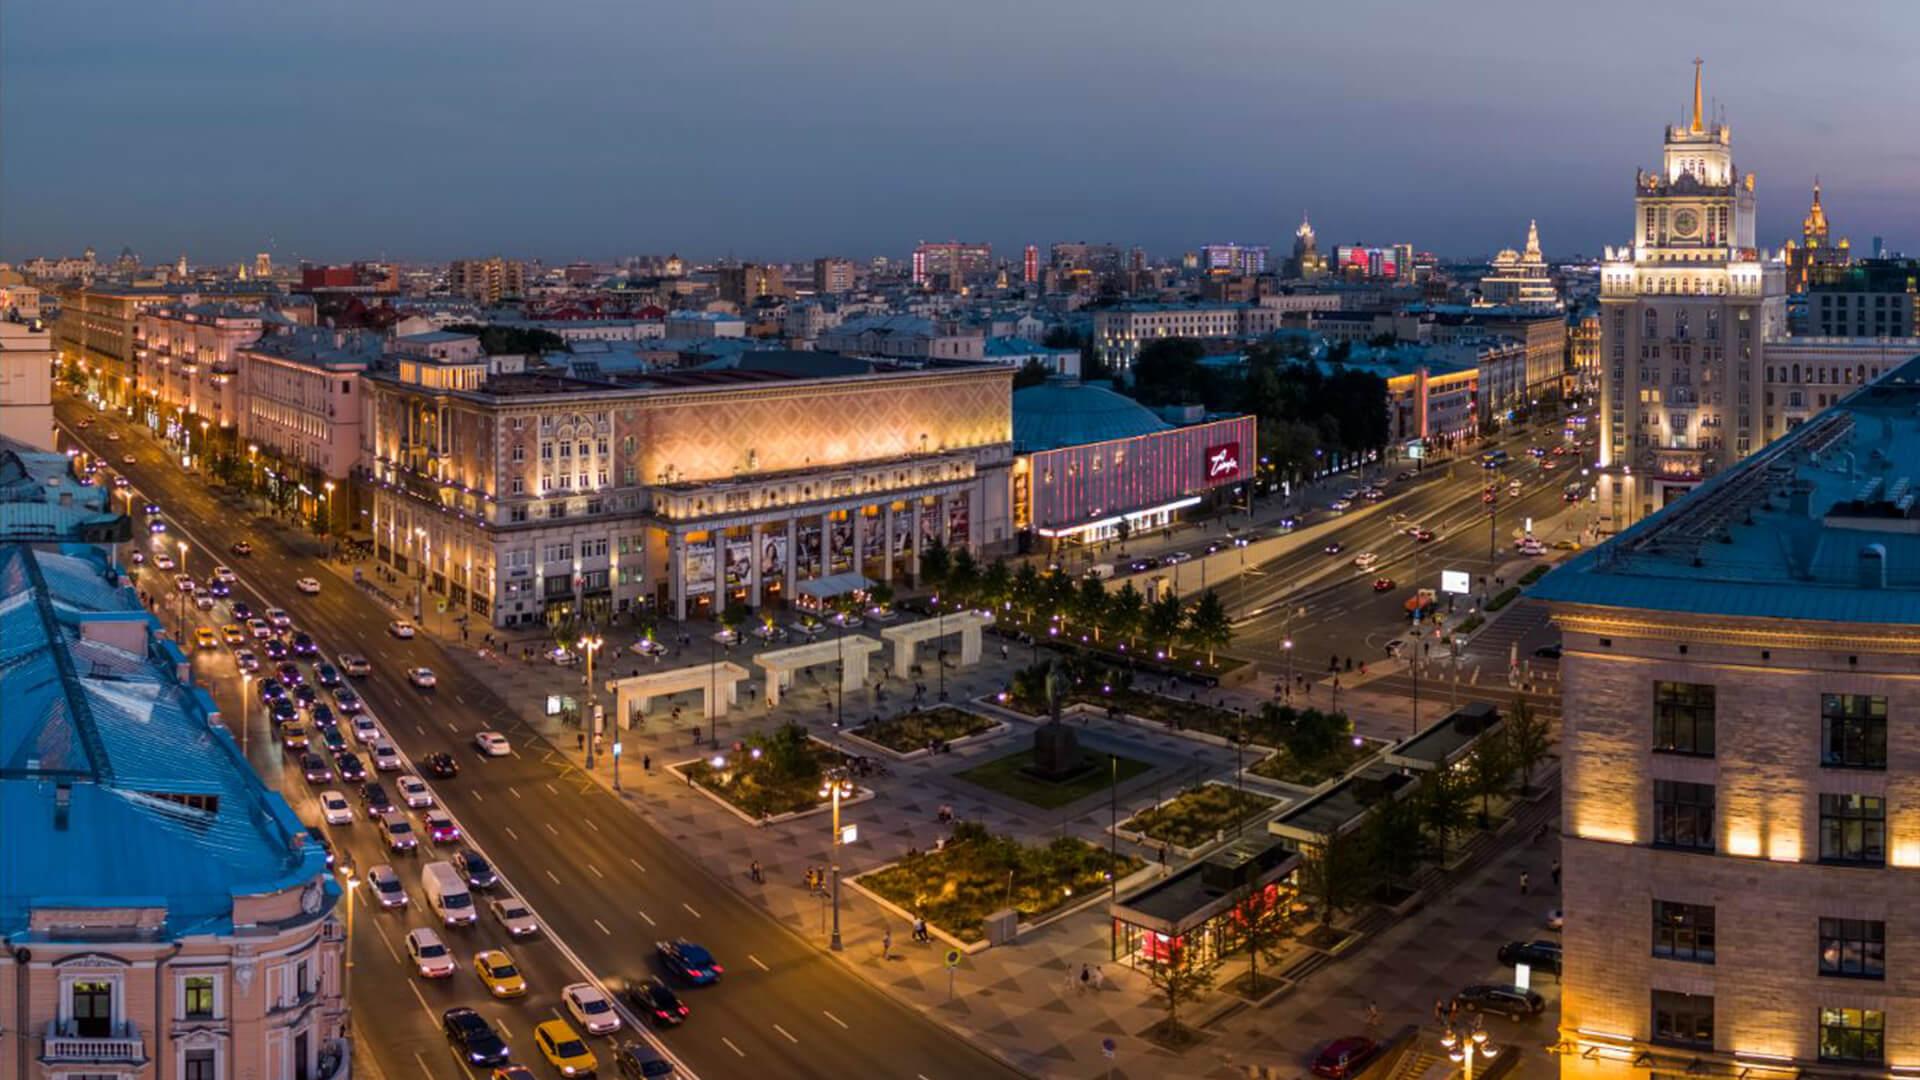 Вечерний вид на Площадь Маяковского